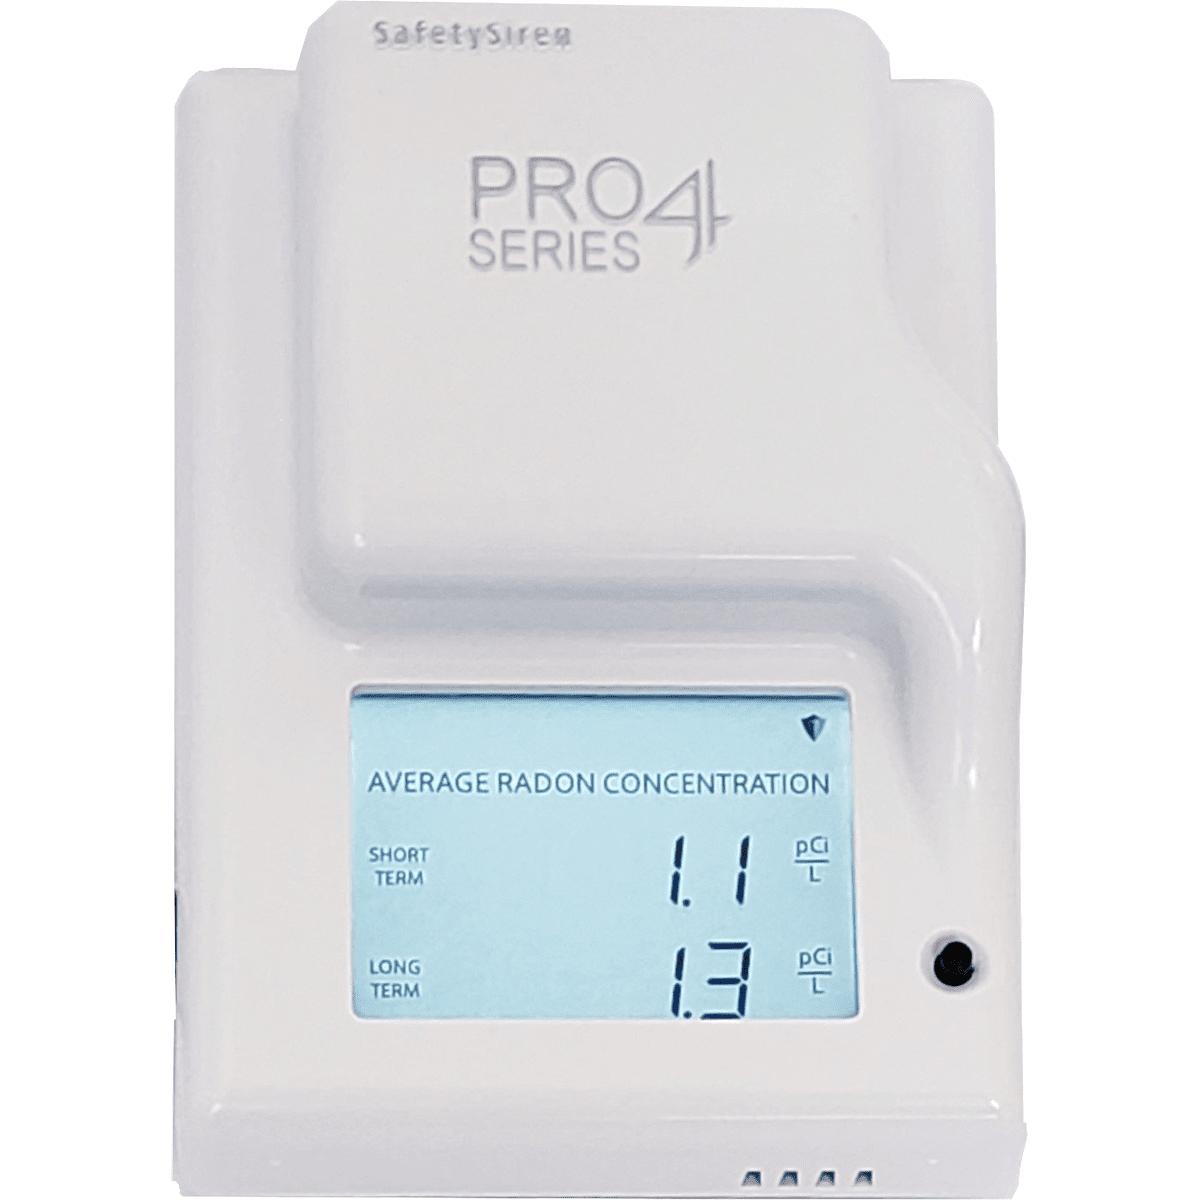 Safety Siren Pro Series4 Radon Gas Detector